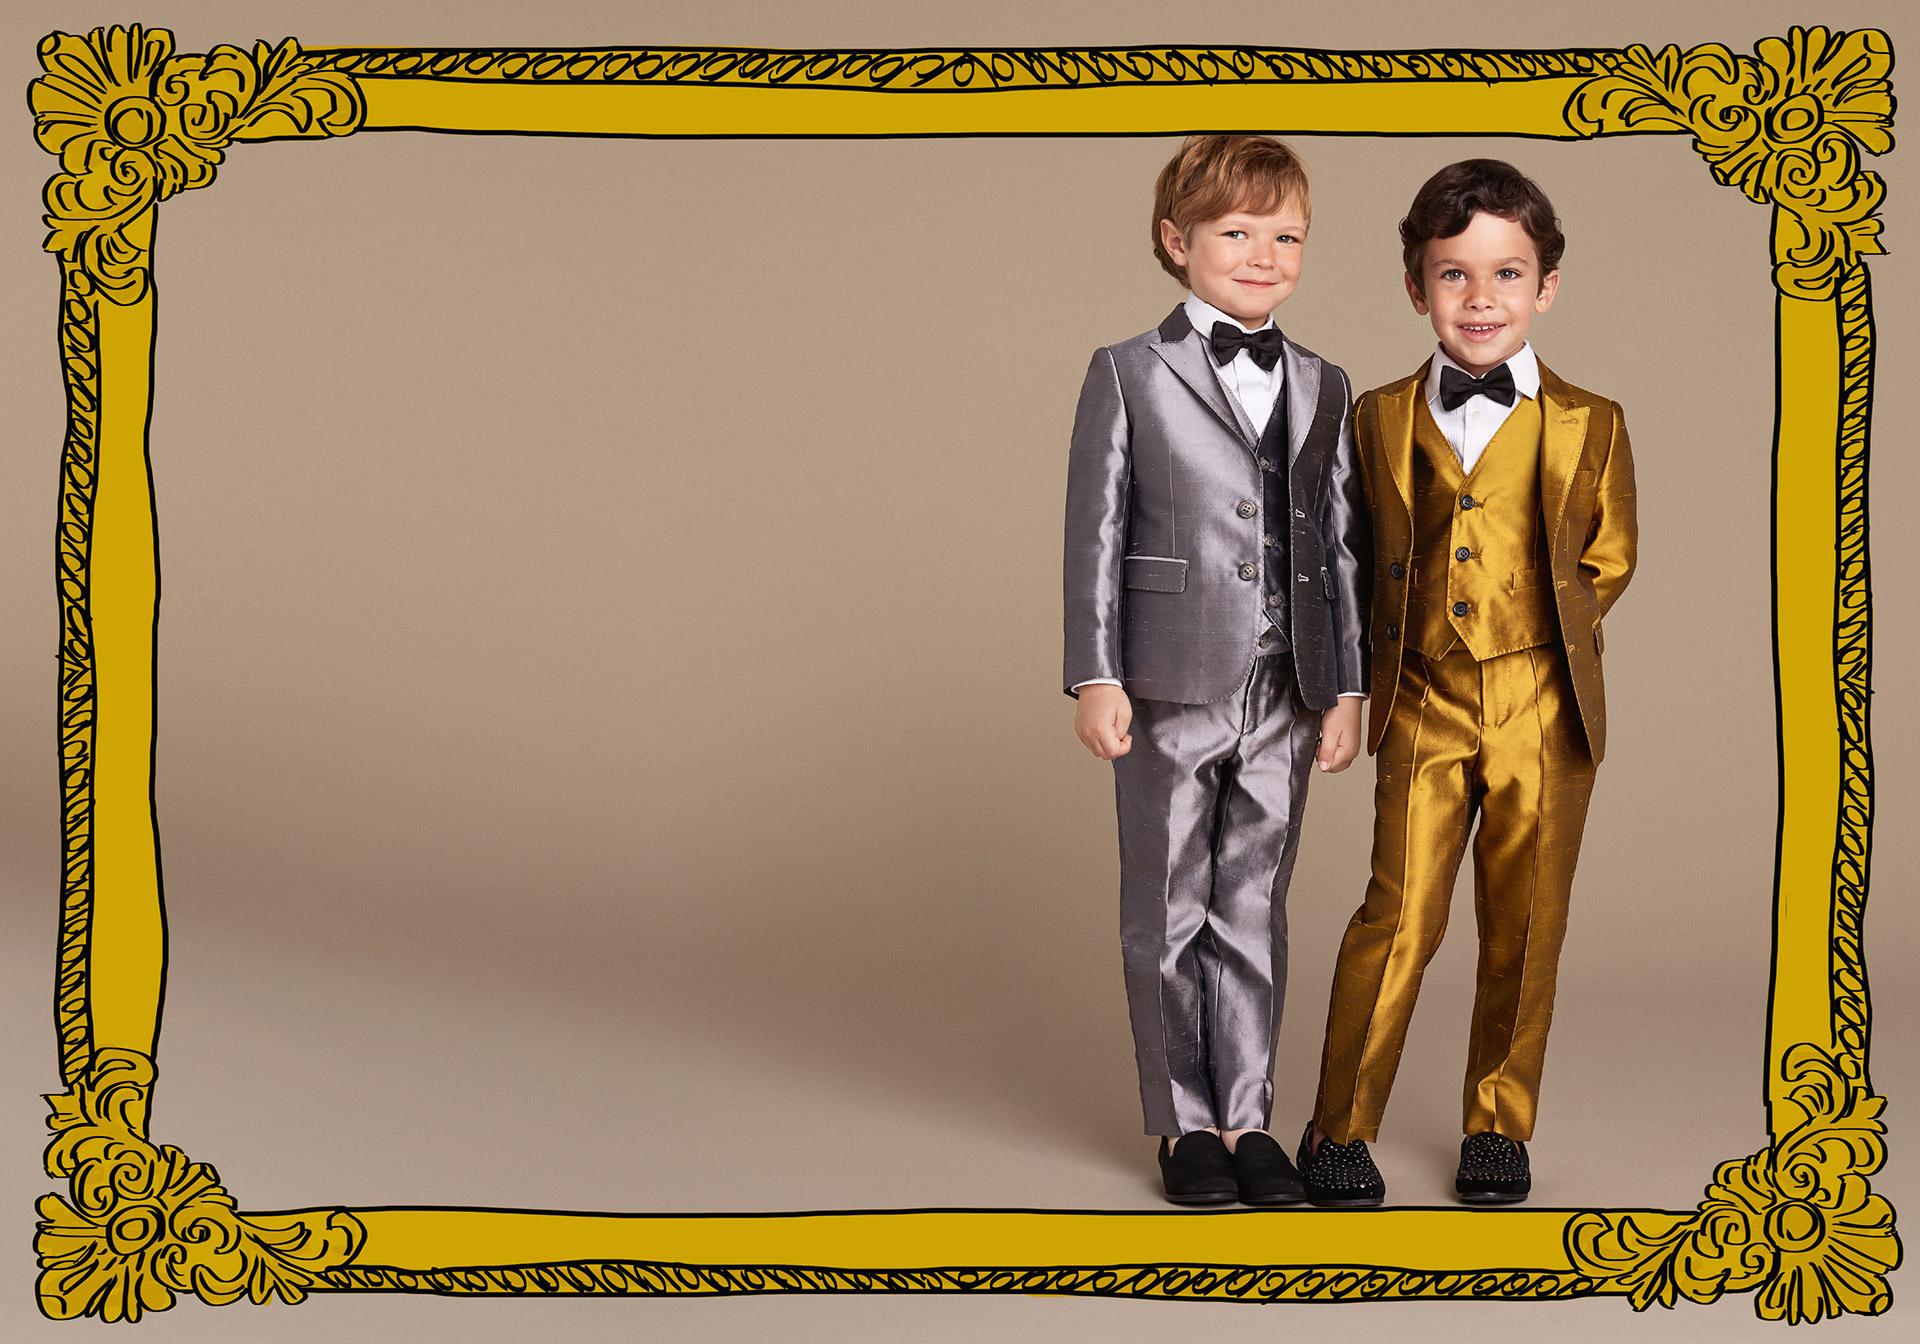 Новая коллекция для детей 2016 - классические костюмы серебристоого и золотистого цвета.